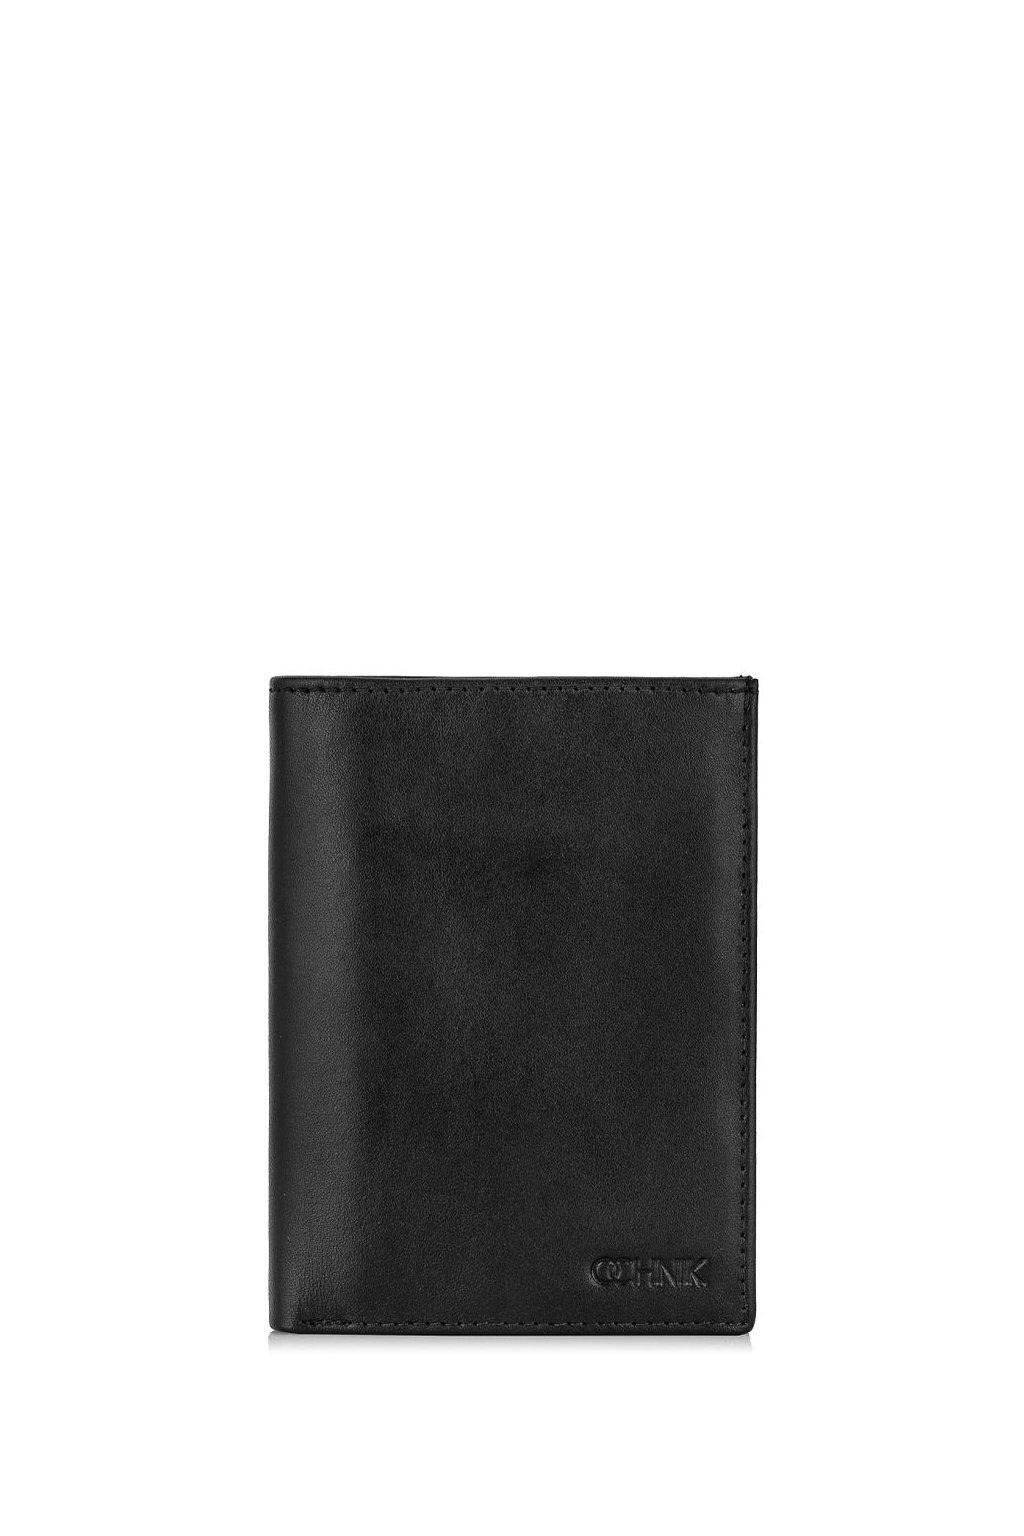 Pánská peněženka 0321